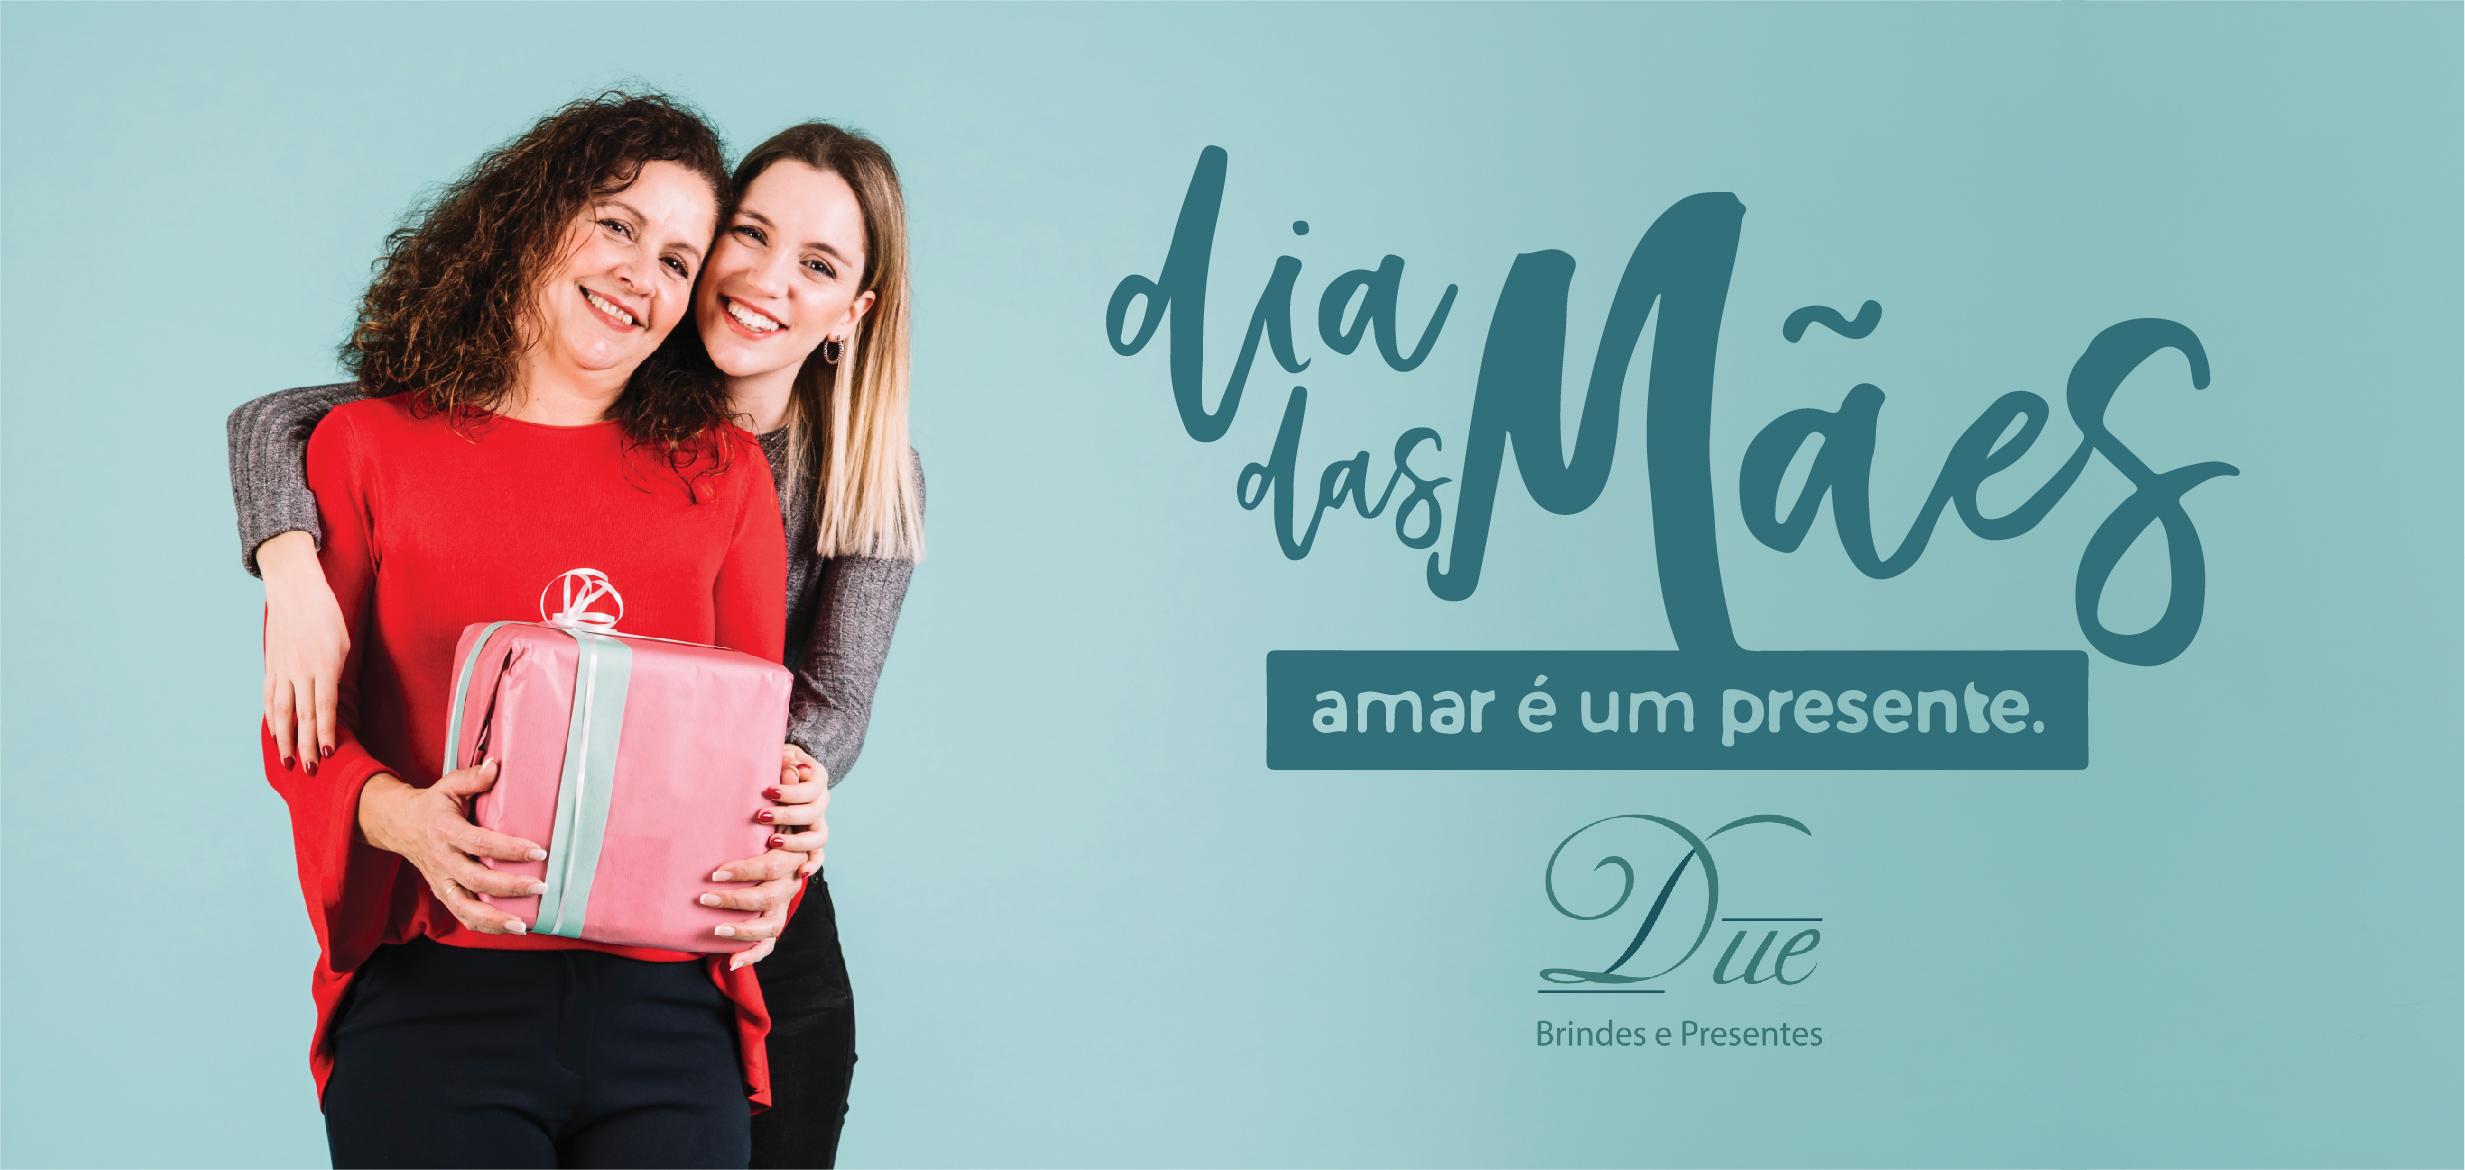 Você sabe qual brinde comprar para o Dia das mães?